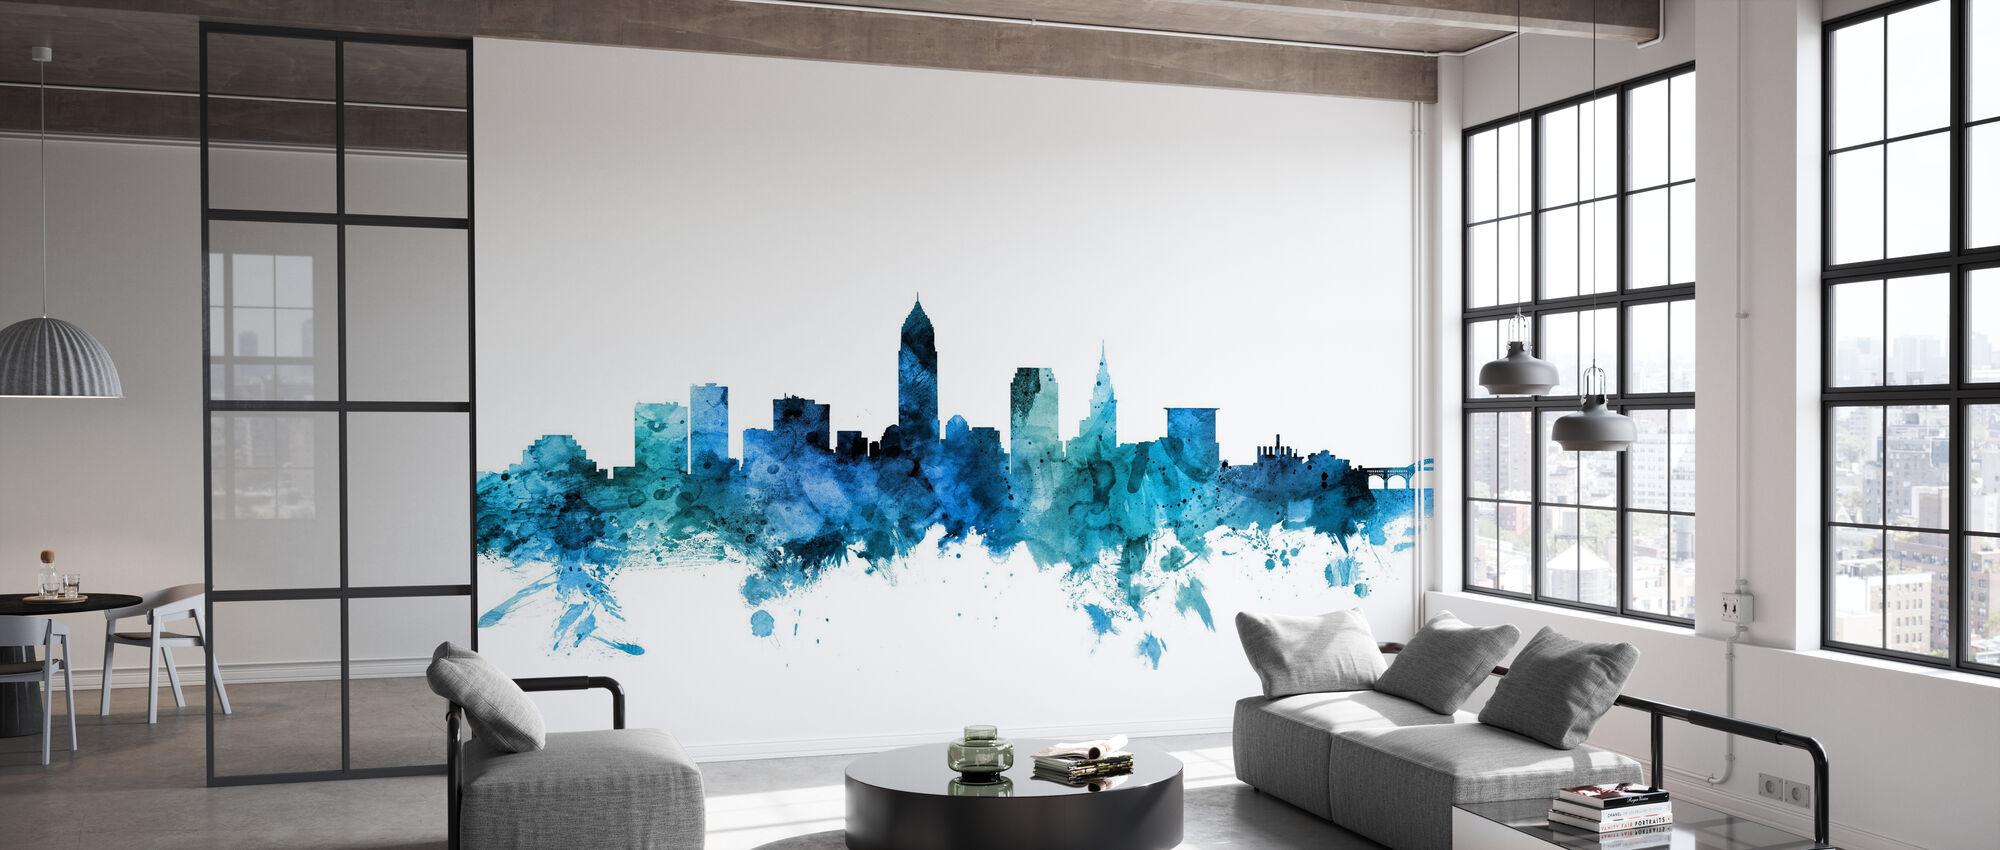 Cleveland Ohio Skyline - Tapetti - Toimisto